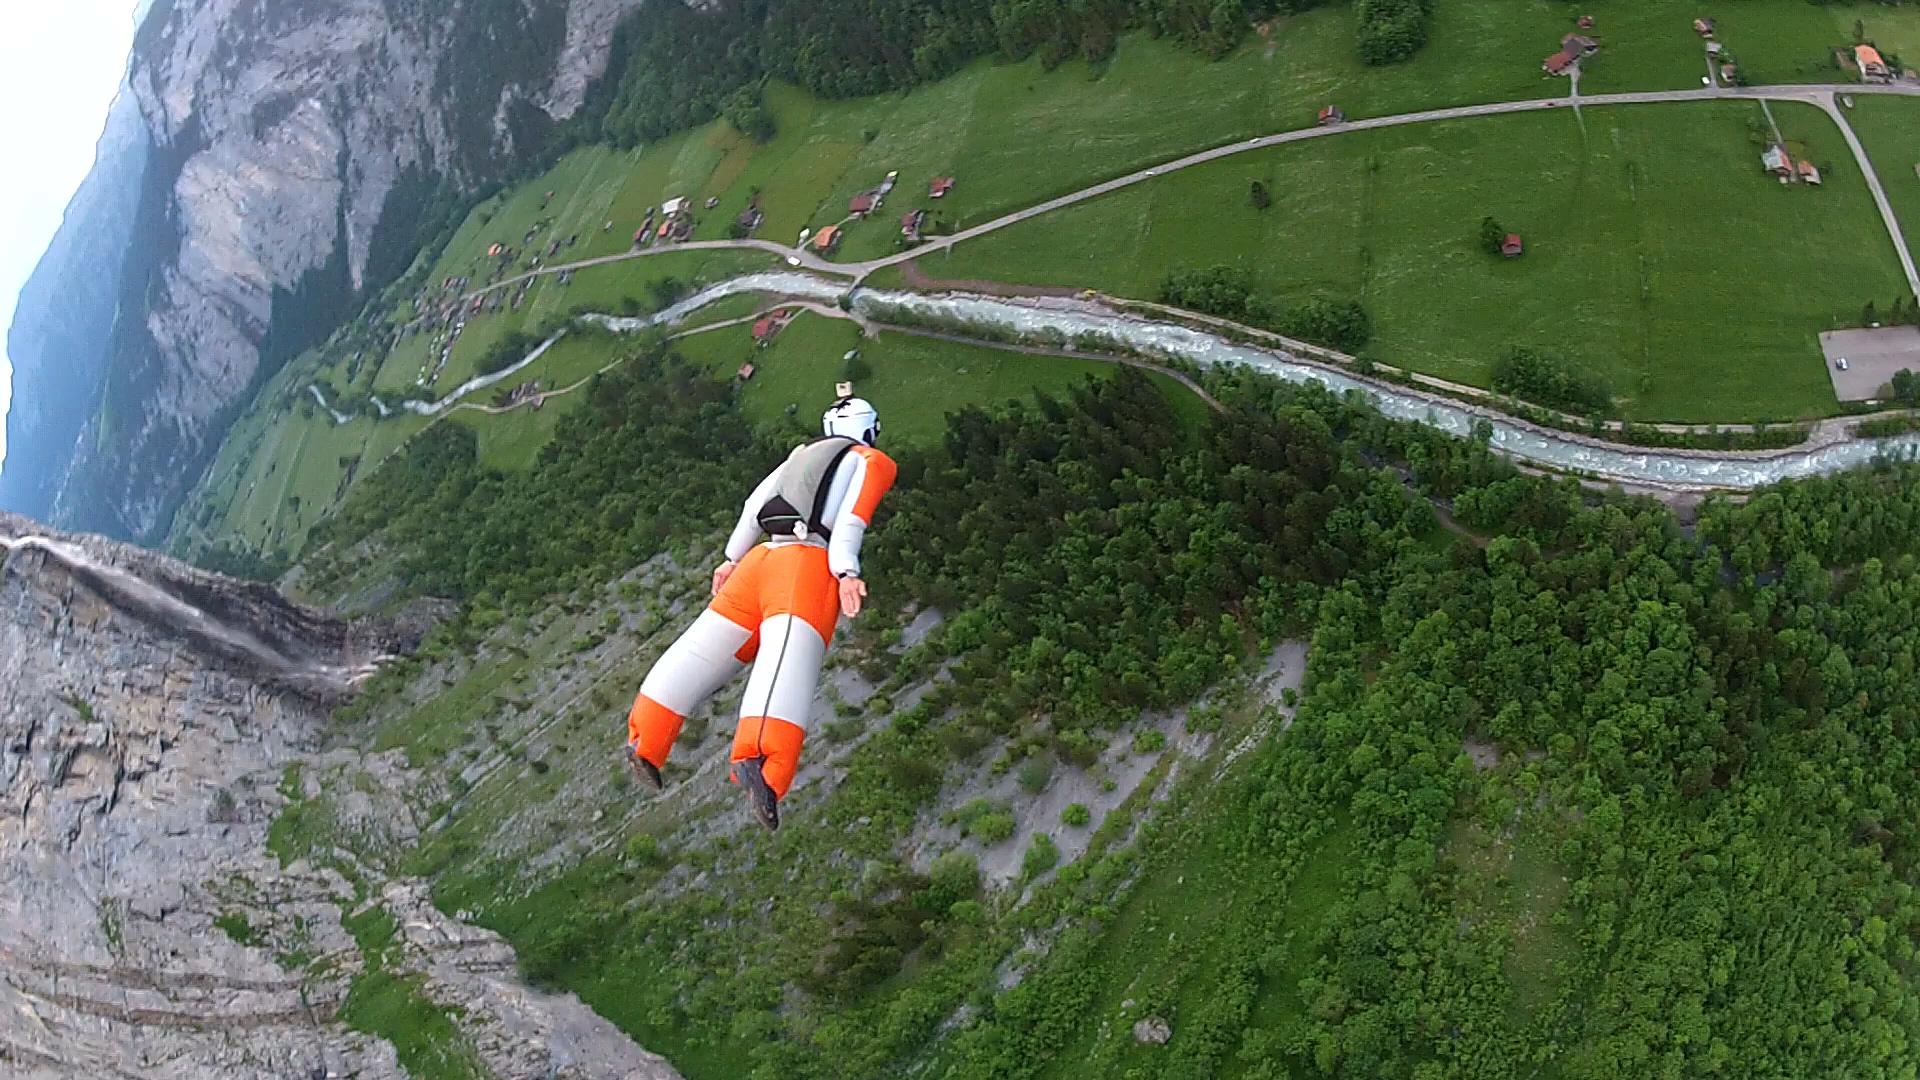 Прыжок в трексьюте со скалы, TUBE-3